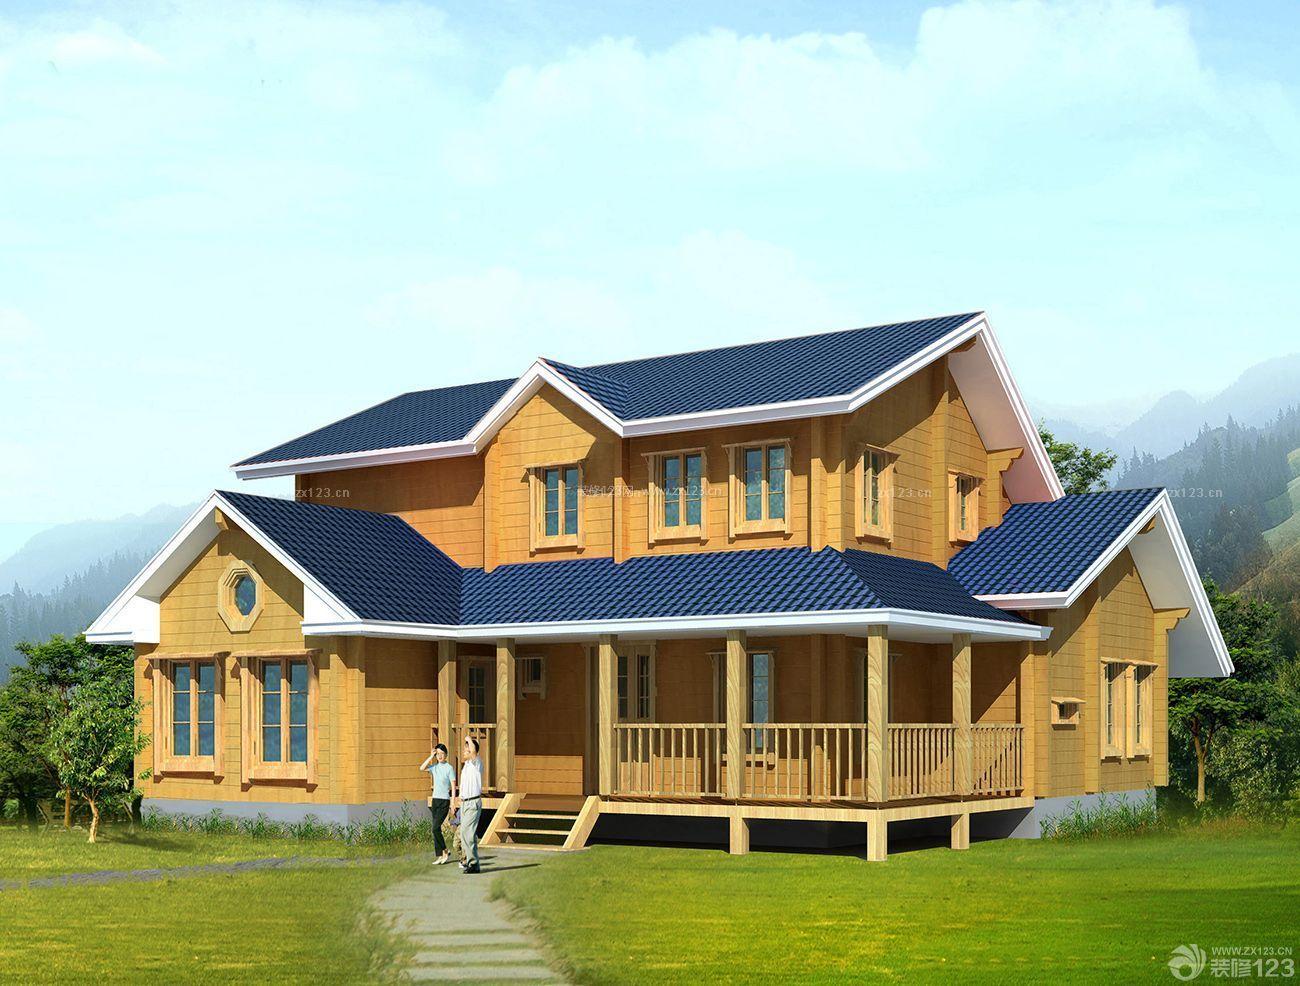 家庭休闲木屋别墅外观装修图片